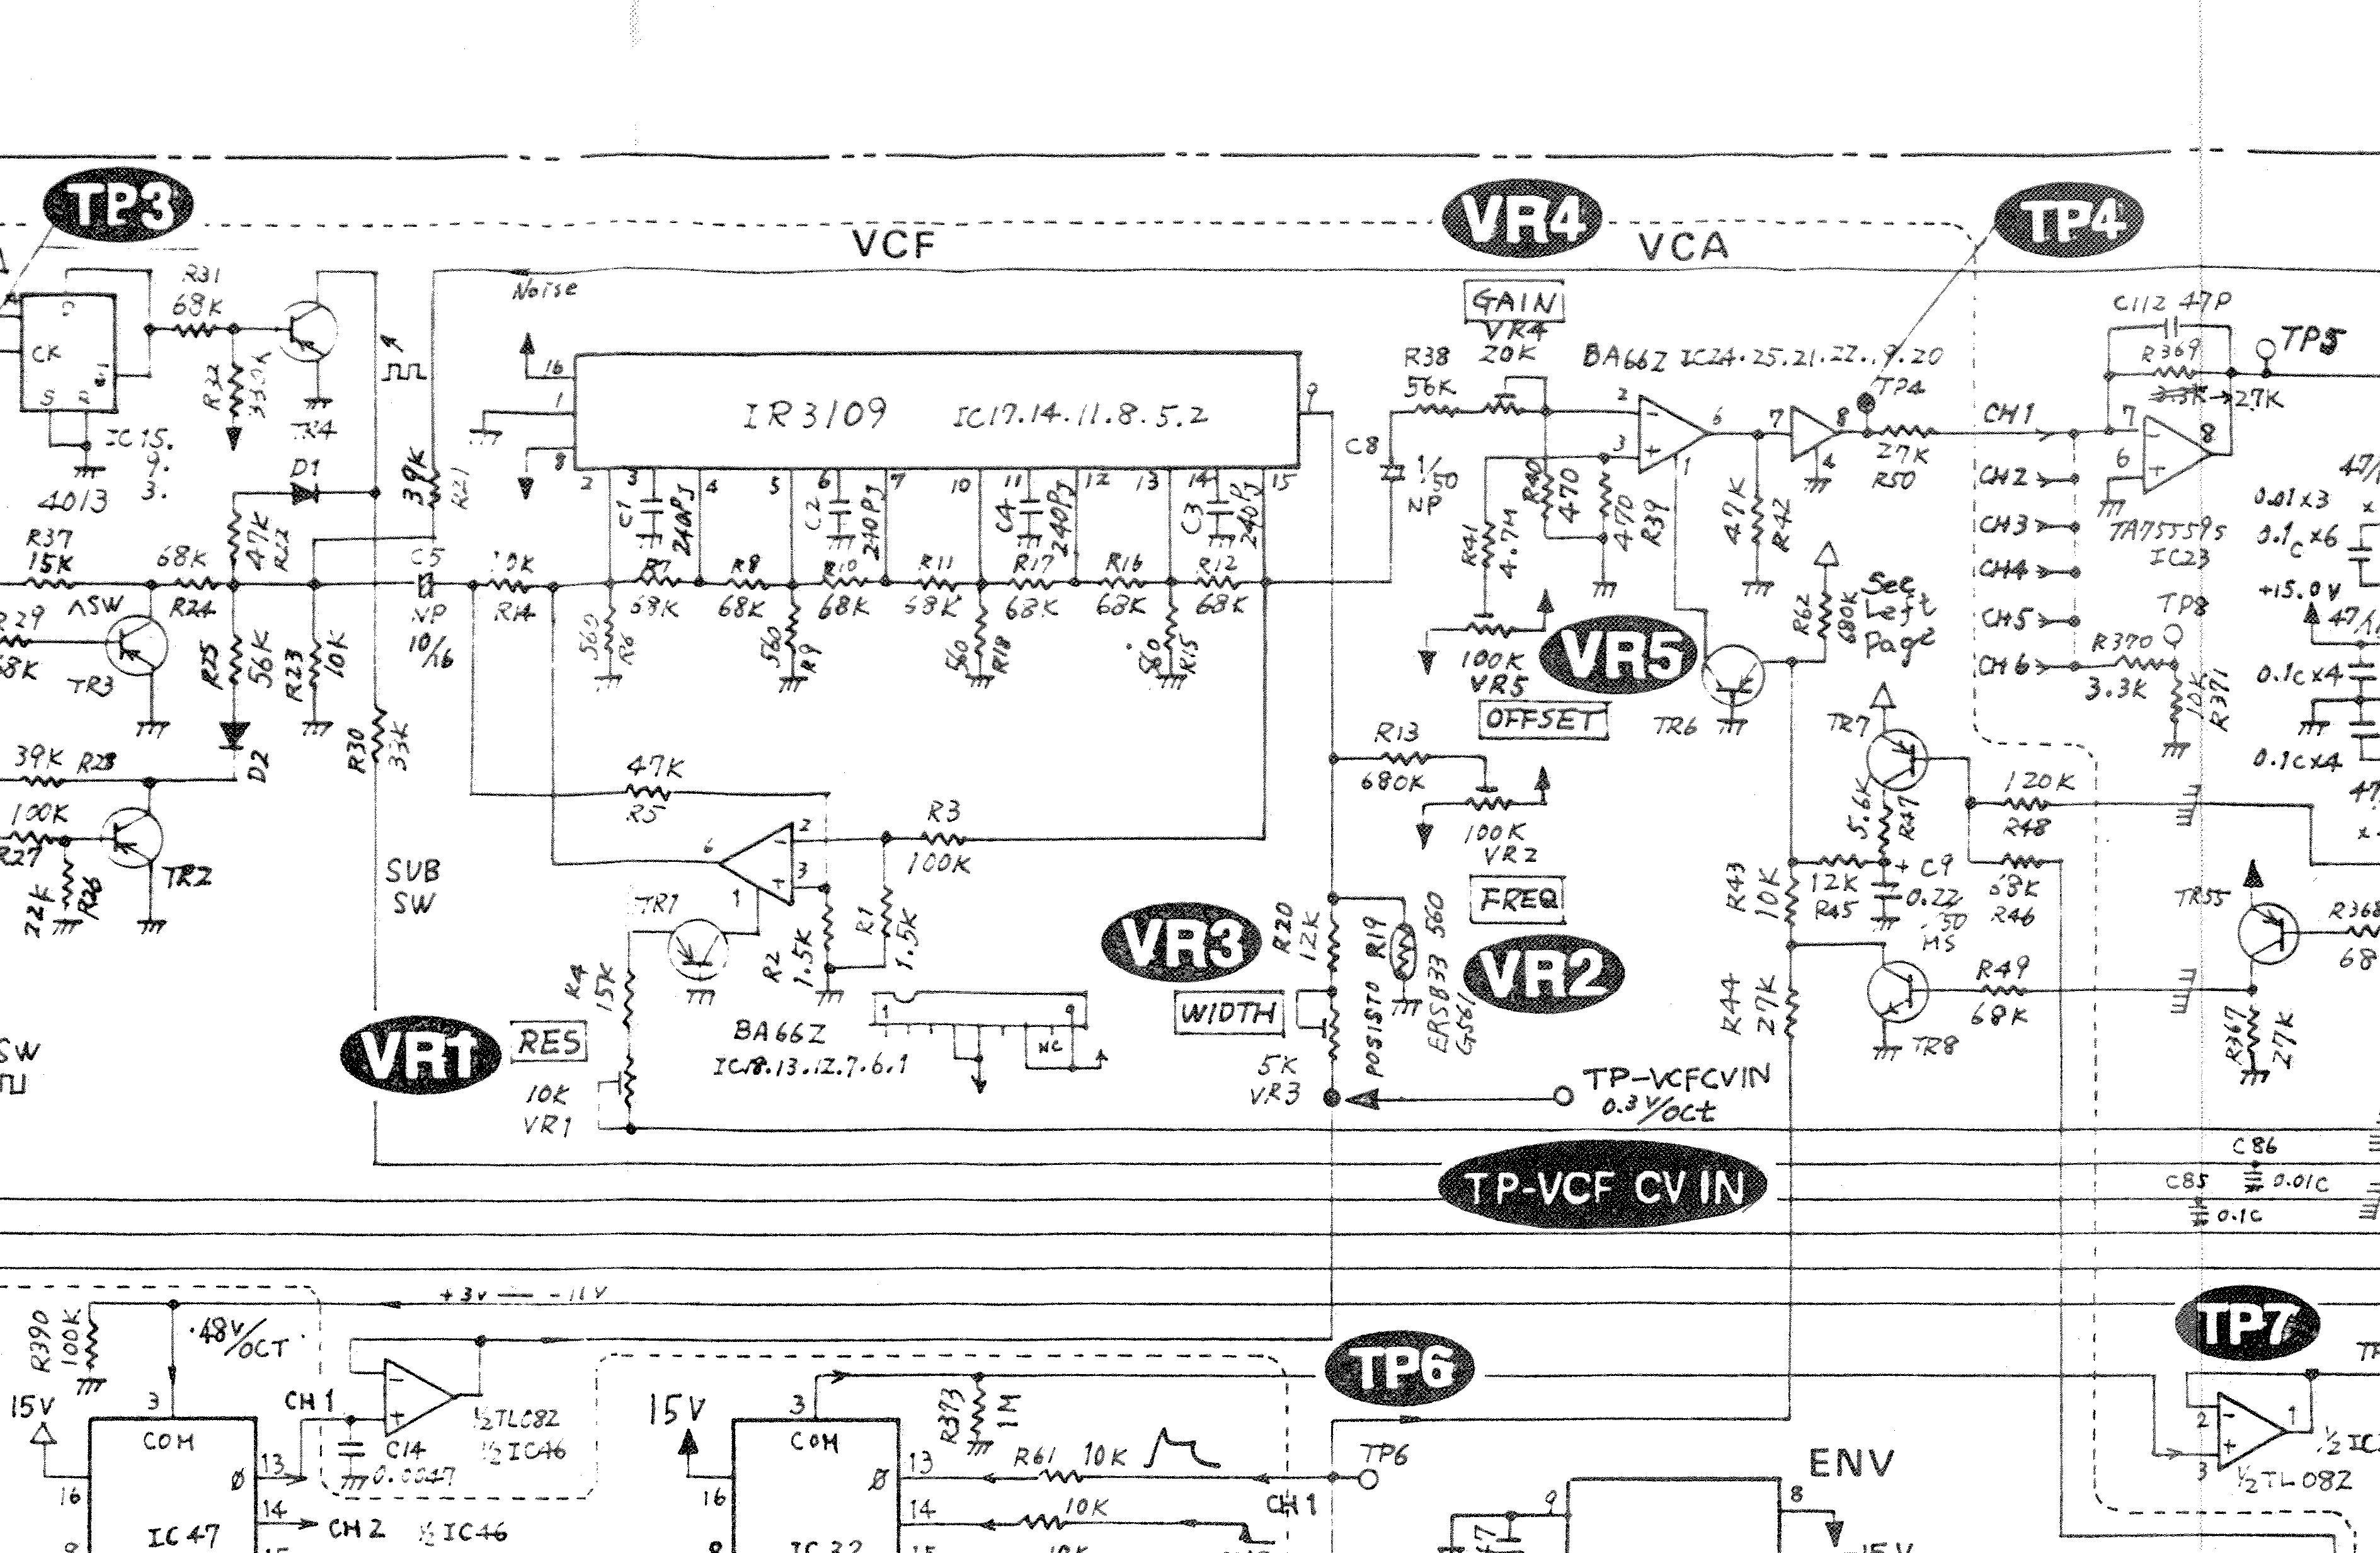 80017a Vcf Vca Teardown Obsoletetechnology